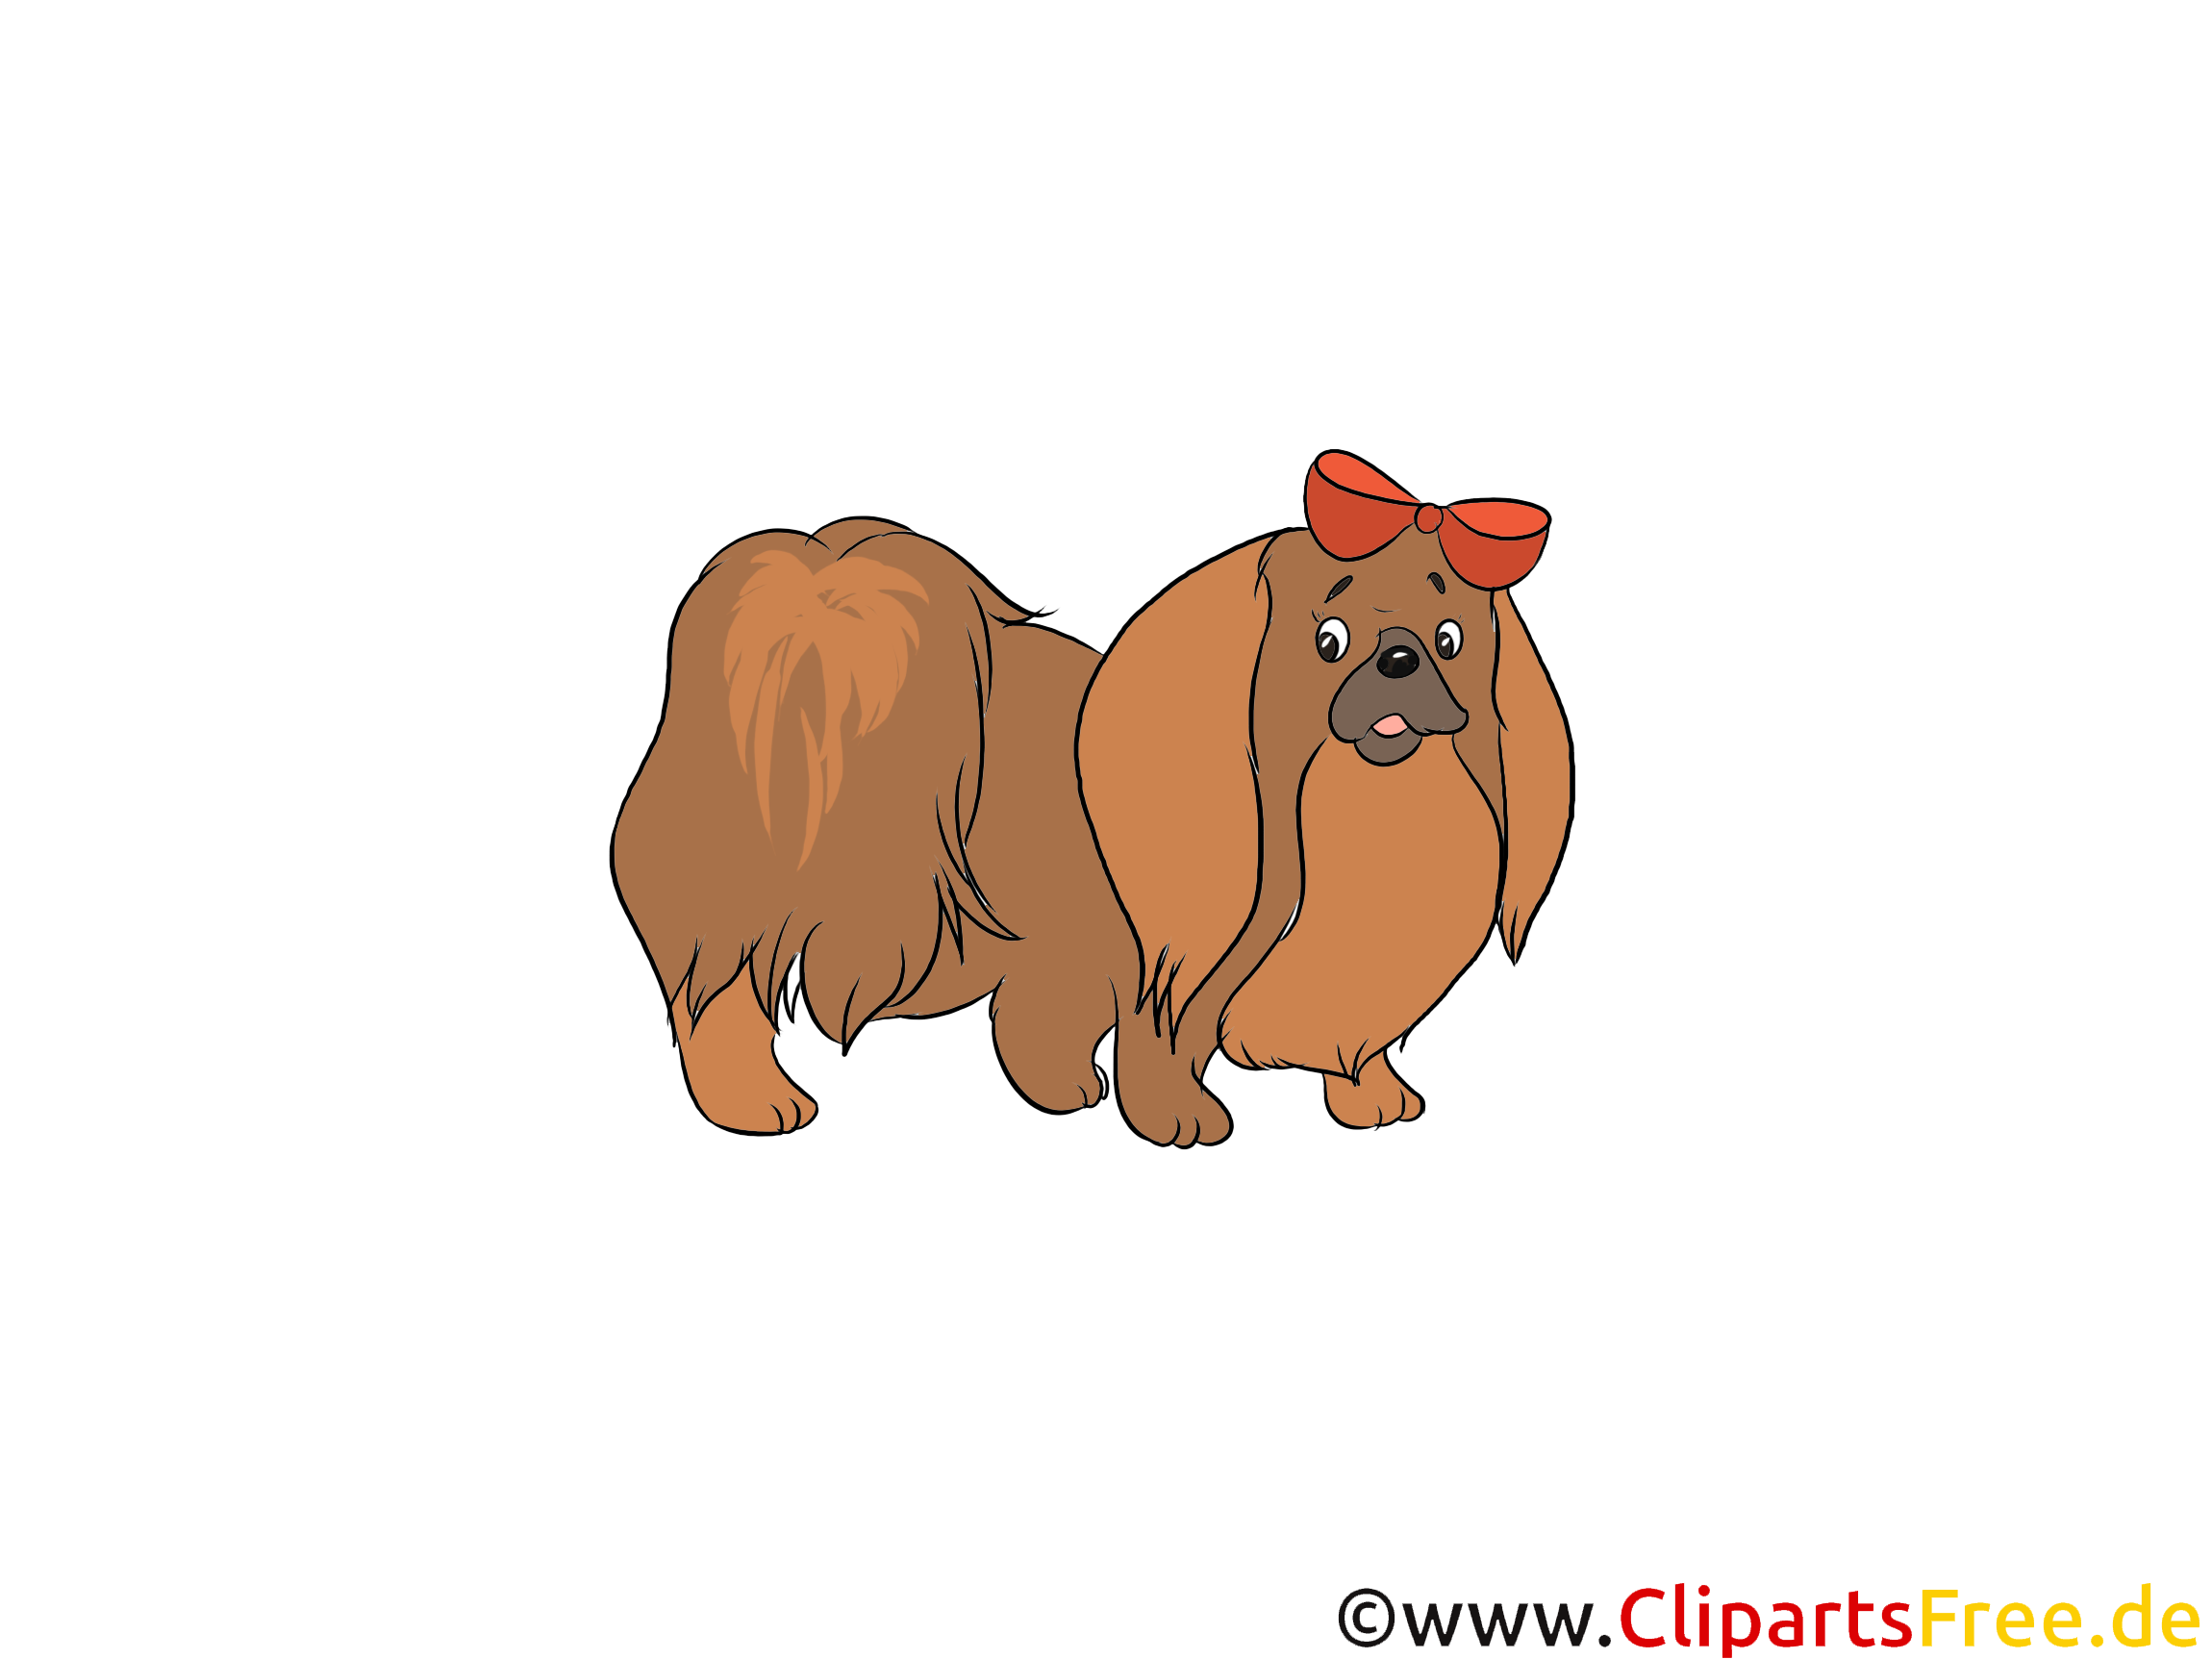 Chihuahua Clipart - Hunderassen Bilder zum Drucken